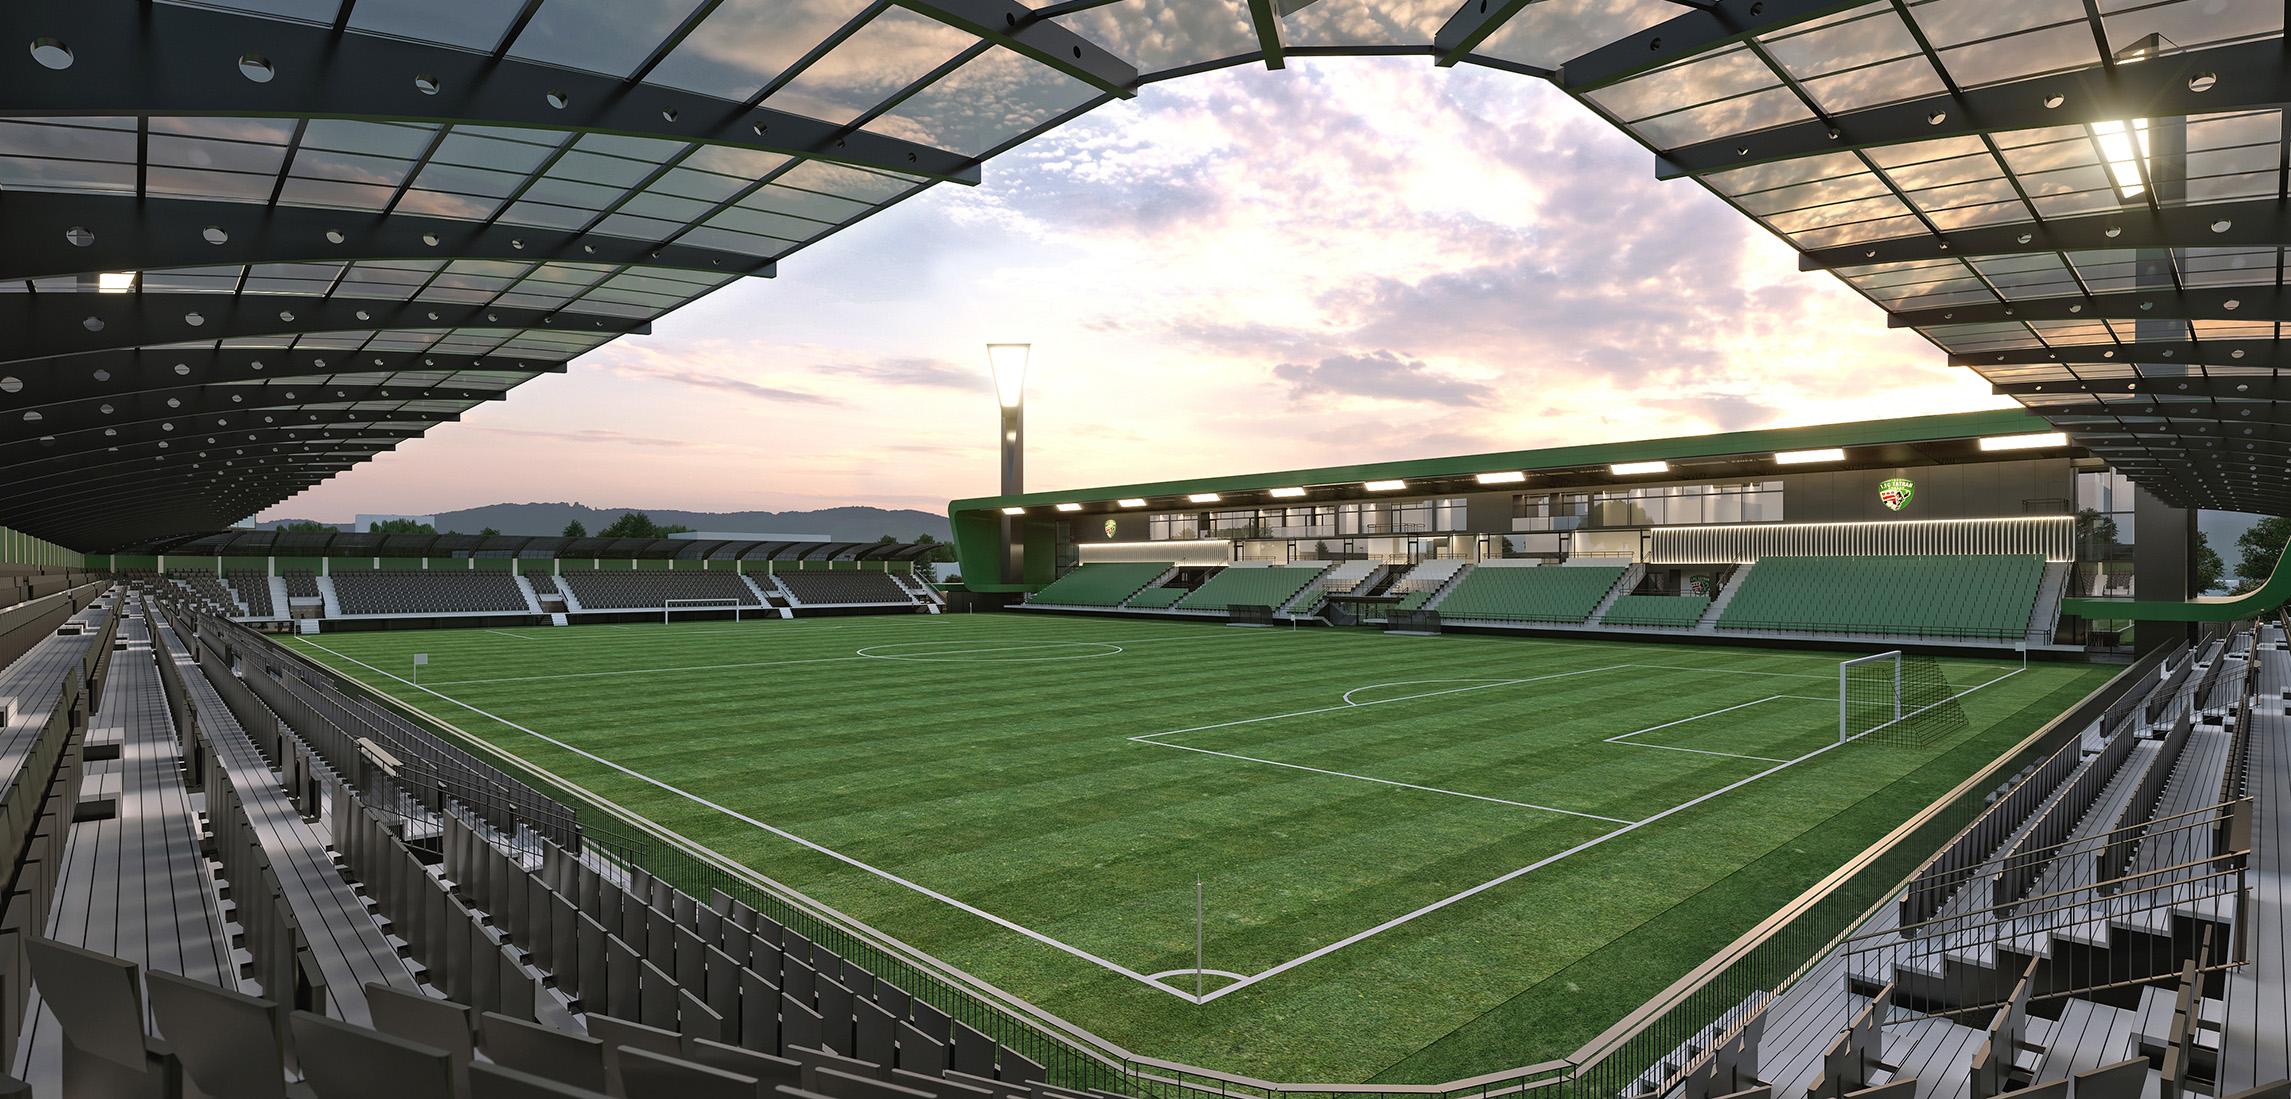 cbbe851186 Výsledky súťaže návrhov na štadión Futbal Tatran Aréna v Prešove ...